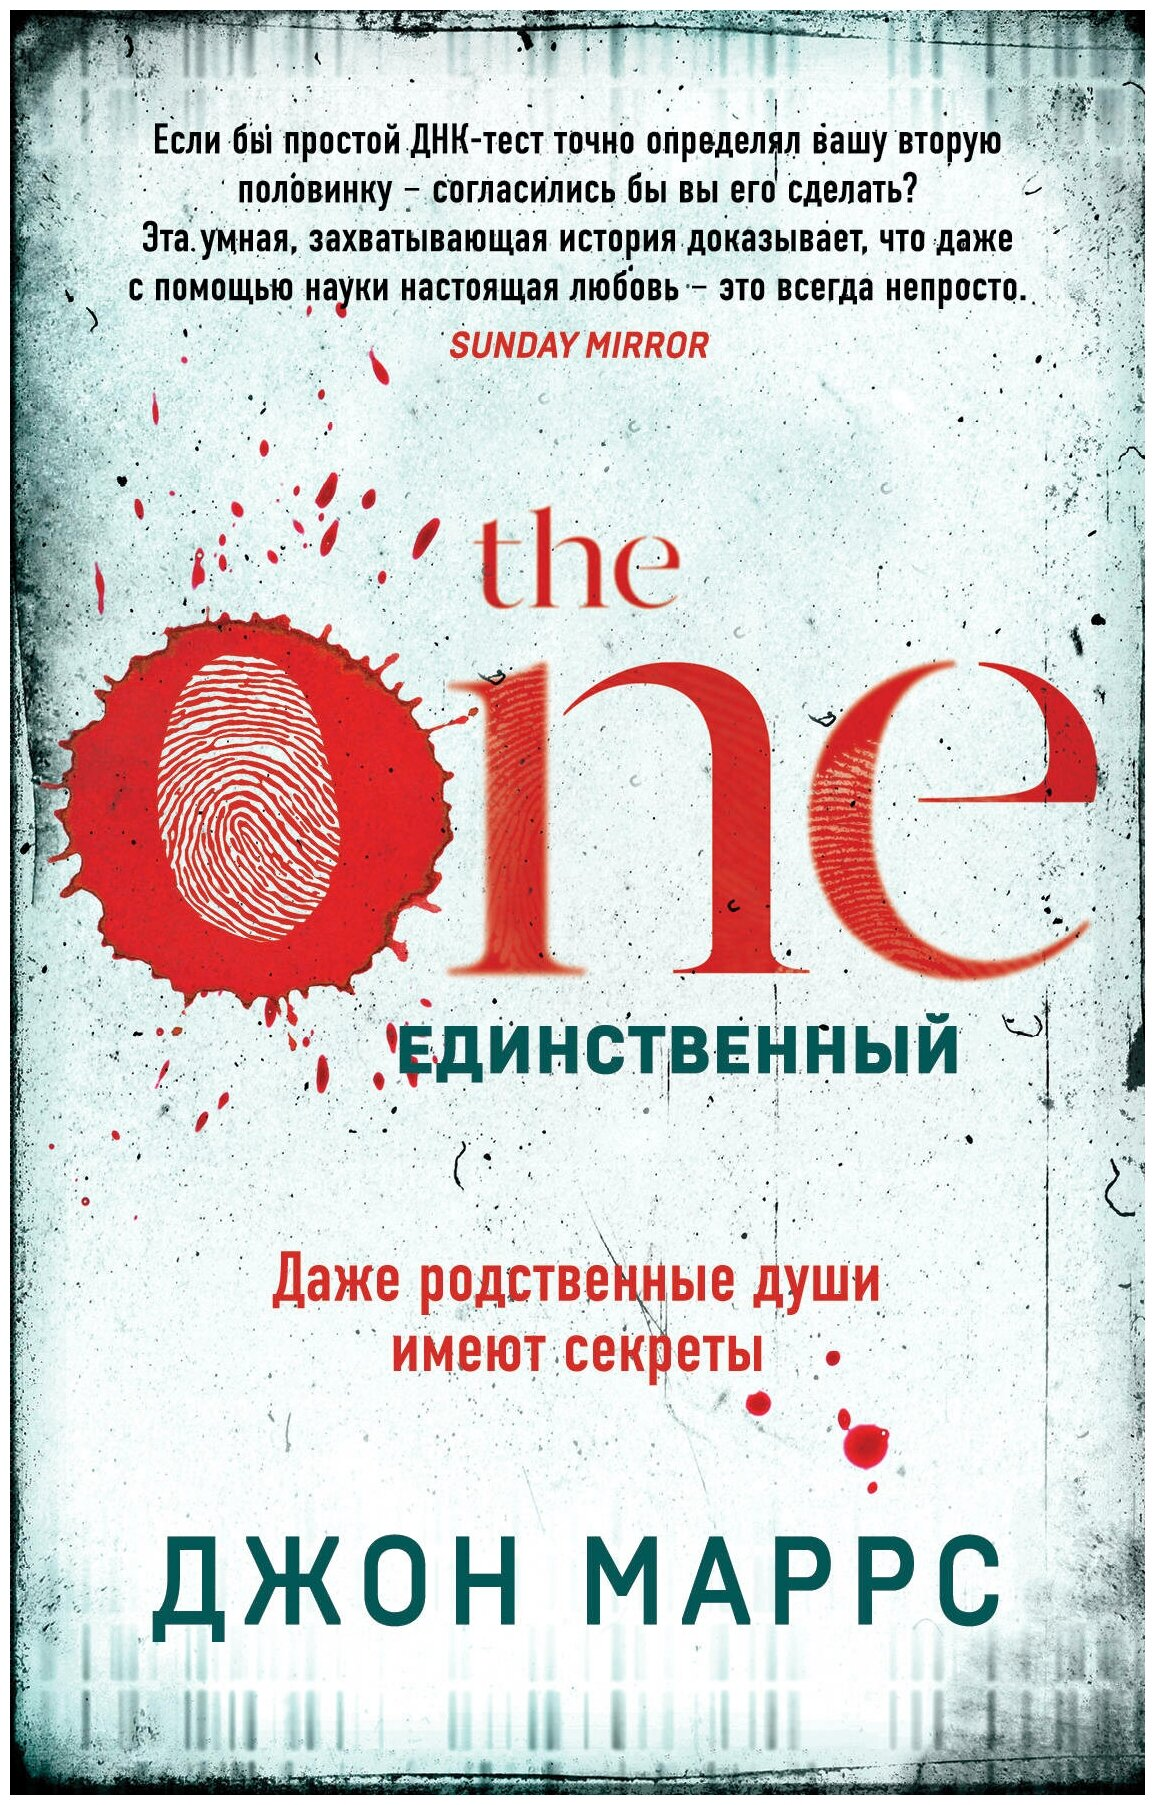 """Купить книгу Маррс Дж. """"The One. Единственный"""" по низкой цене с доставкой из Яндекс.Маркета"""